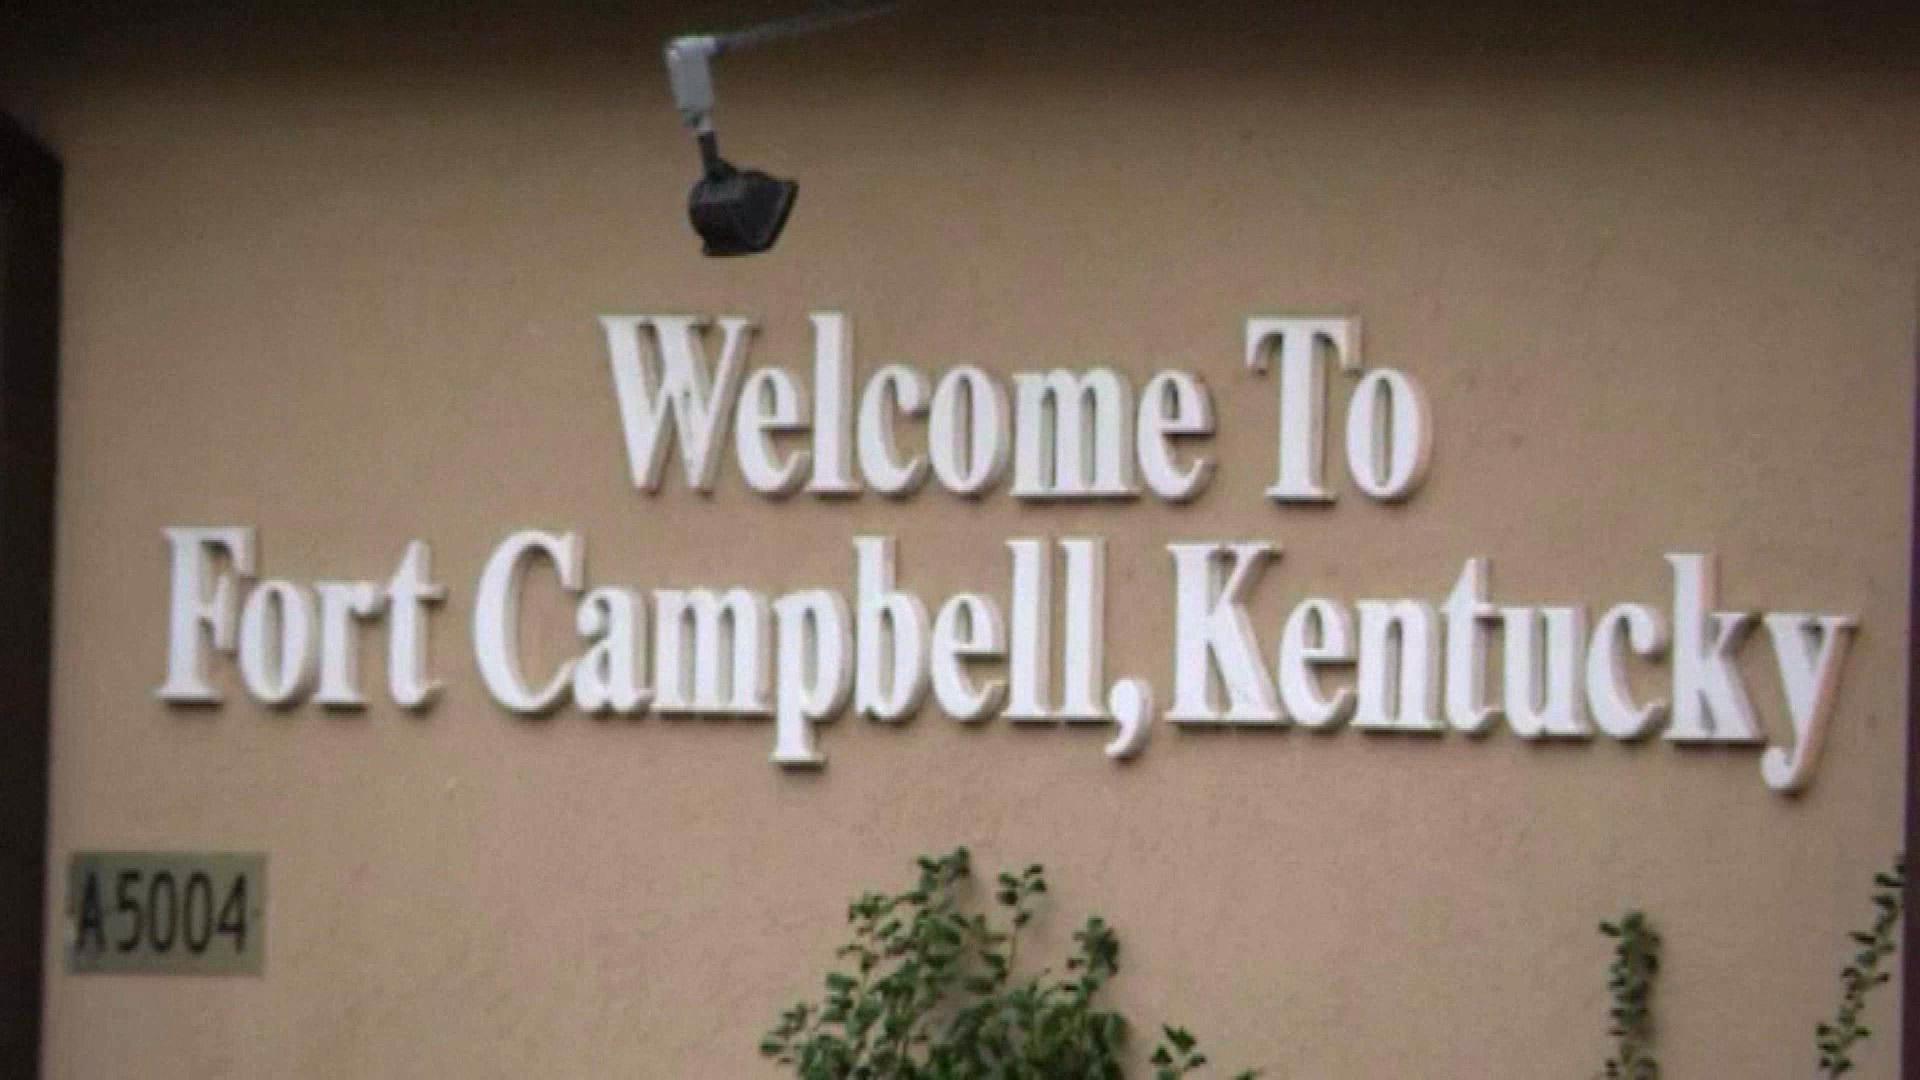 fort campbell kentucky